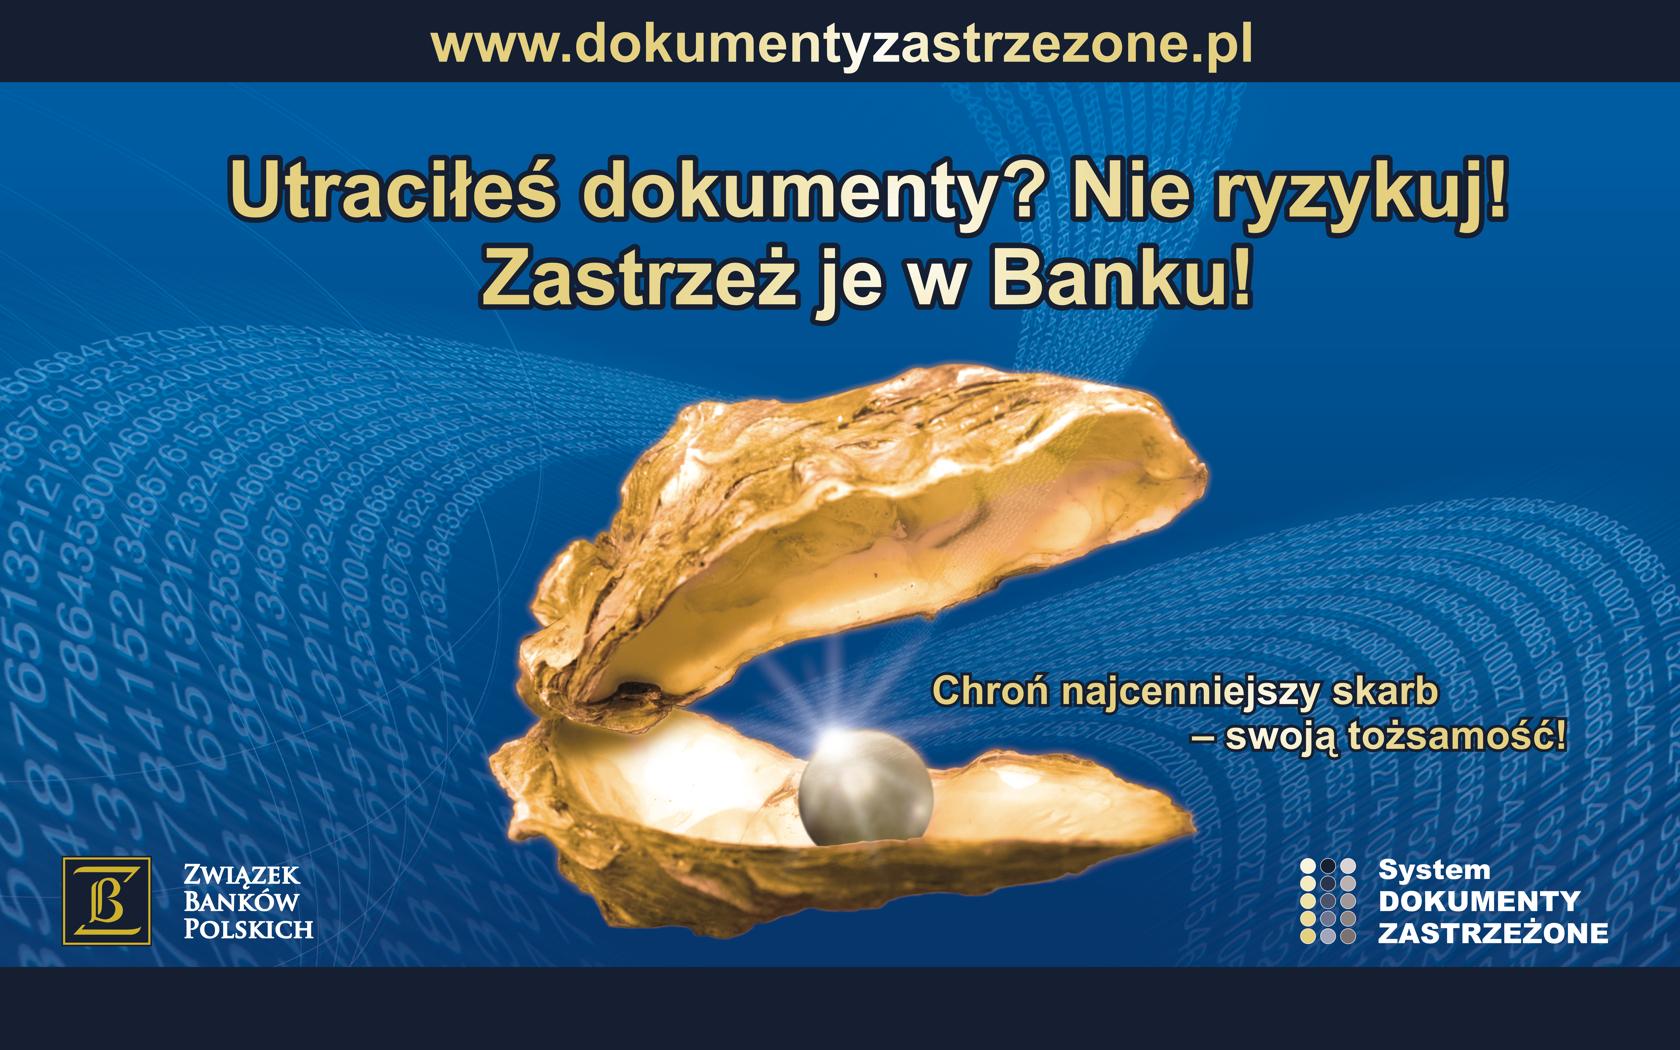 BANER - Zastrzeż dokumenty